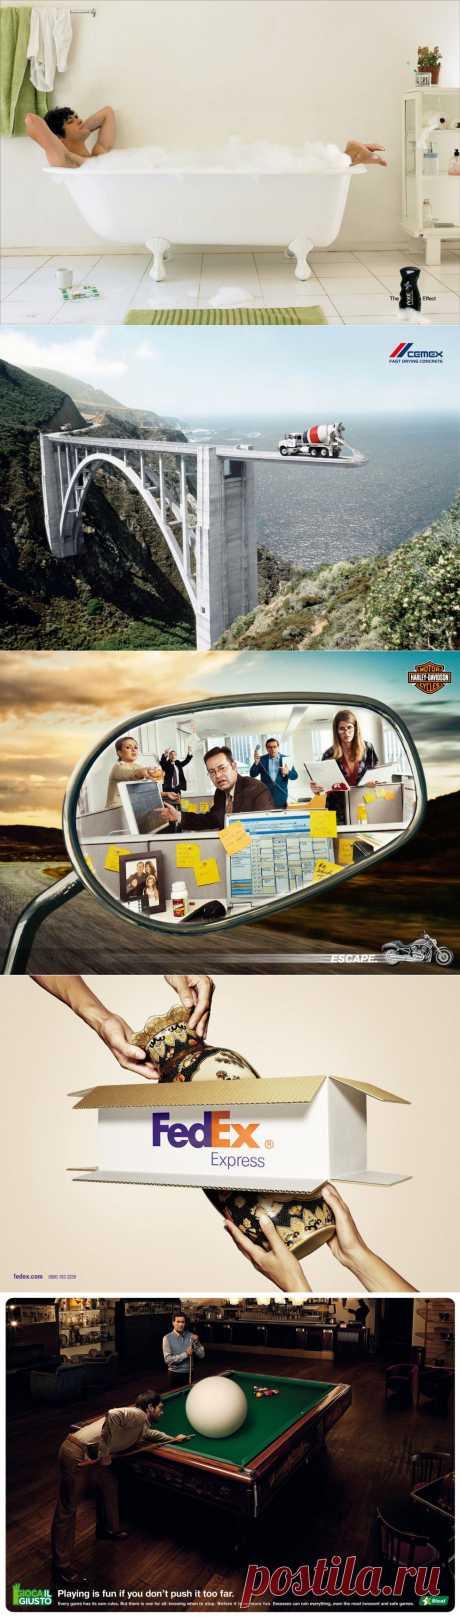 Креативная реклама — первый шаг на пути к успеху — YESWAY